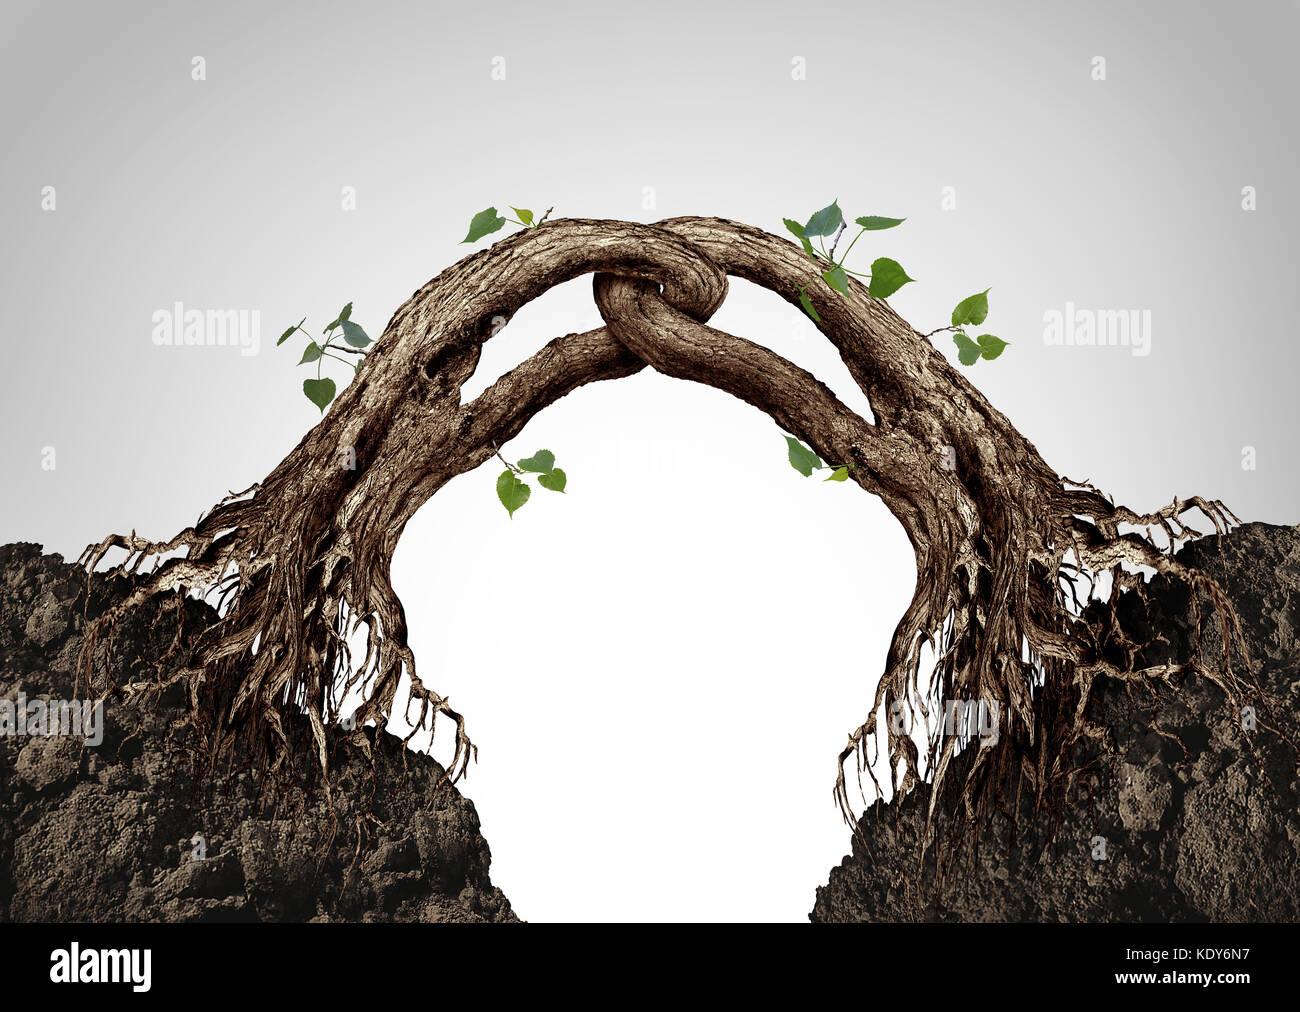 Konzept miteinander verbunden und Synergie-Symbol als zwei Bäume zusammenführen und in eine starke Kette Stockbild